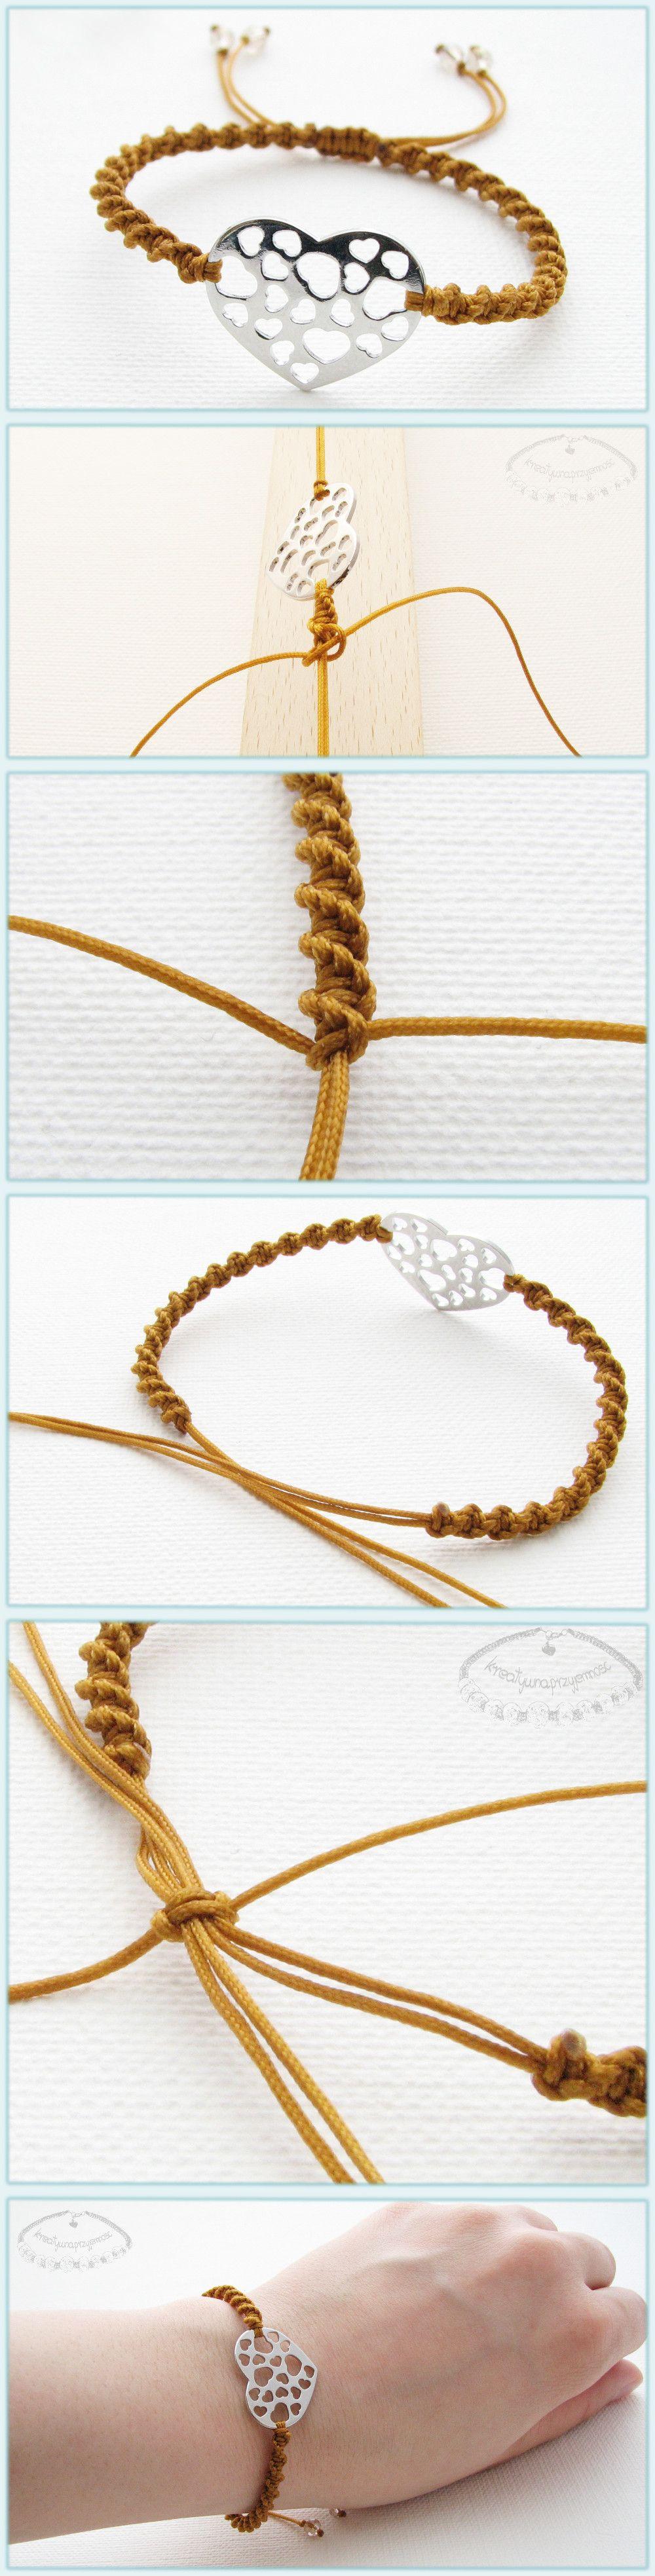 how to make a kumihomo bracelet